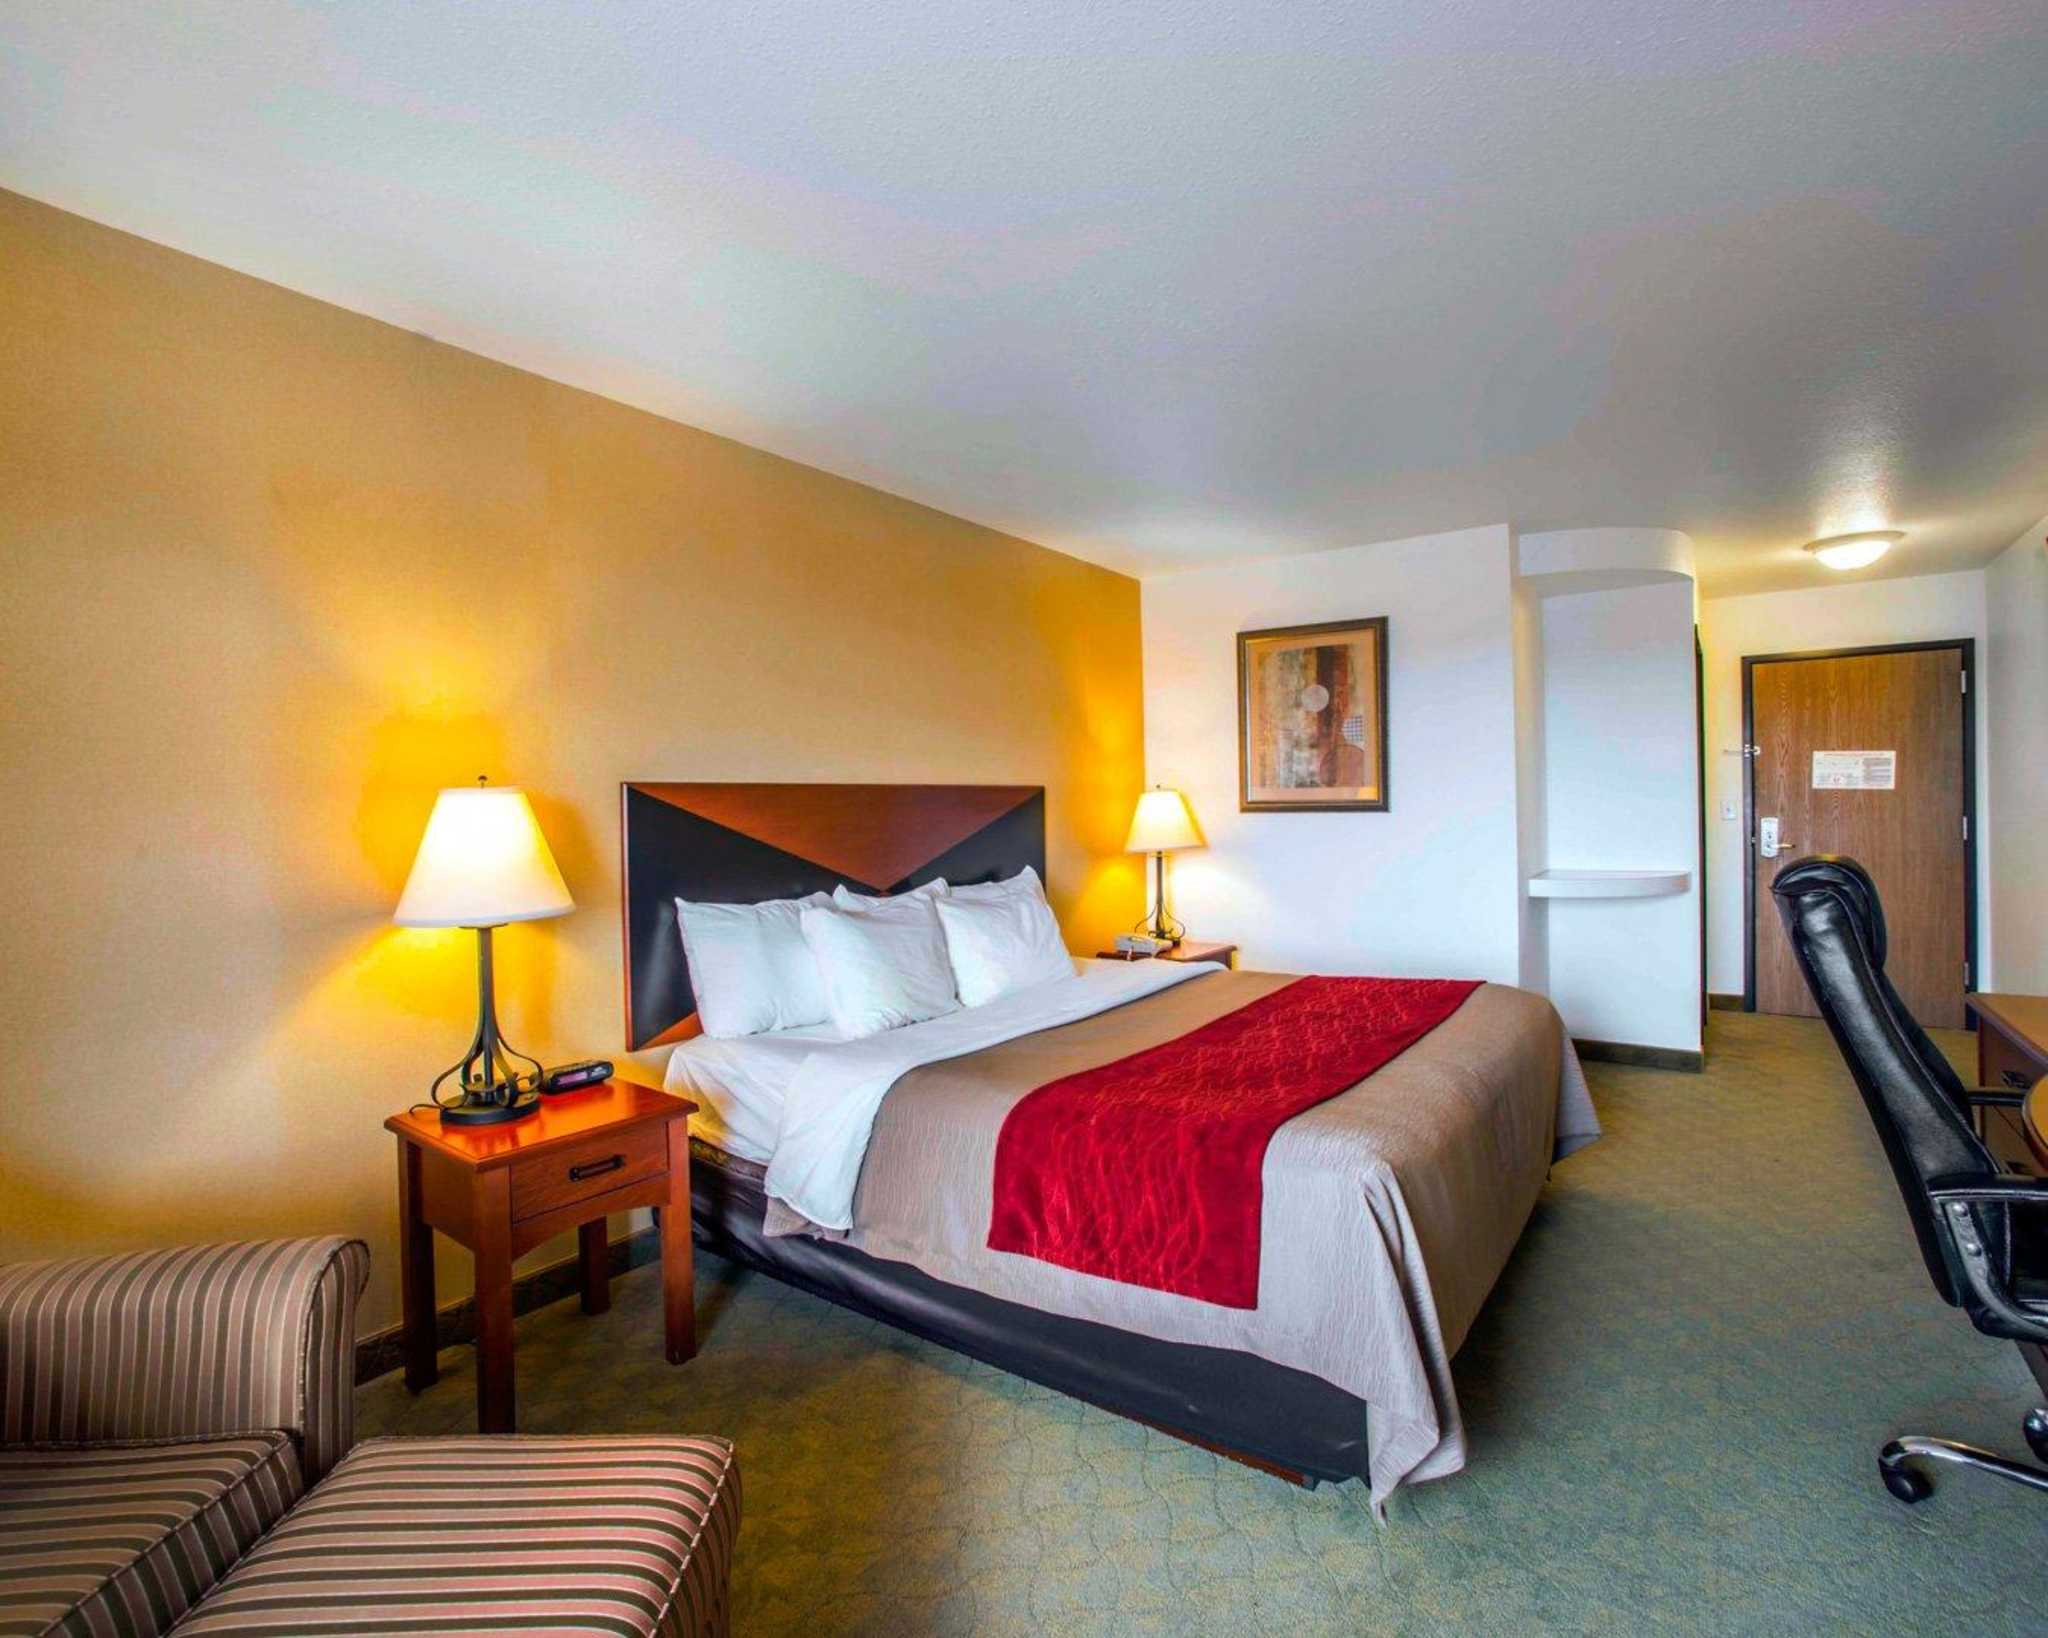 Comfort Inn & Suites Greenville I-70 image 4